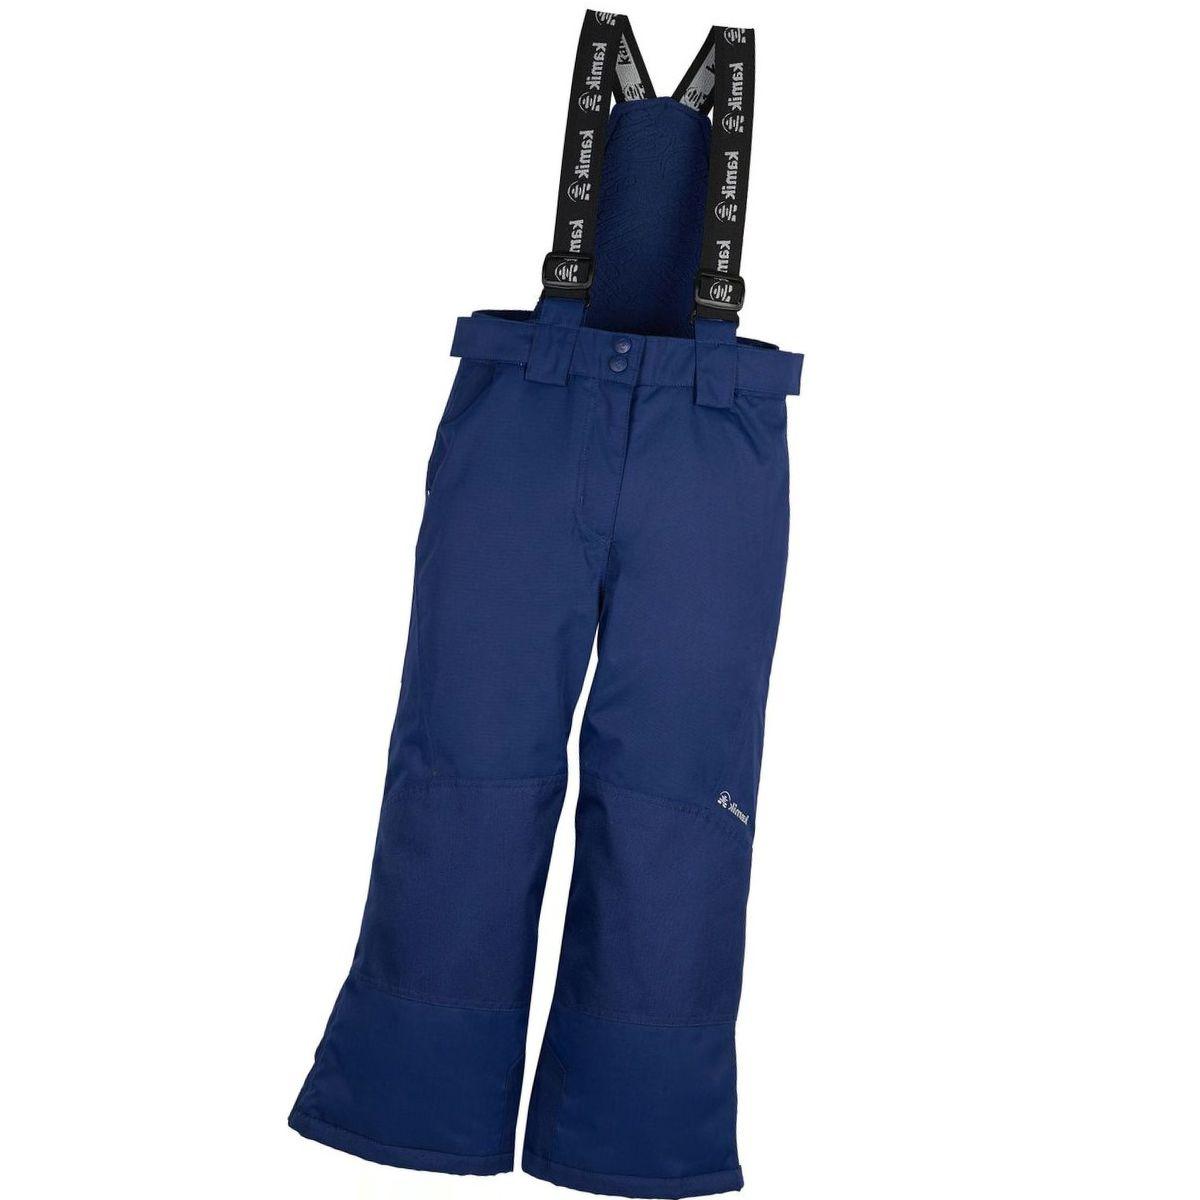 Kamik Apparel Harper Solid Pant - Boys'